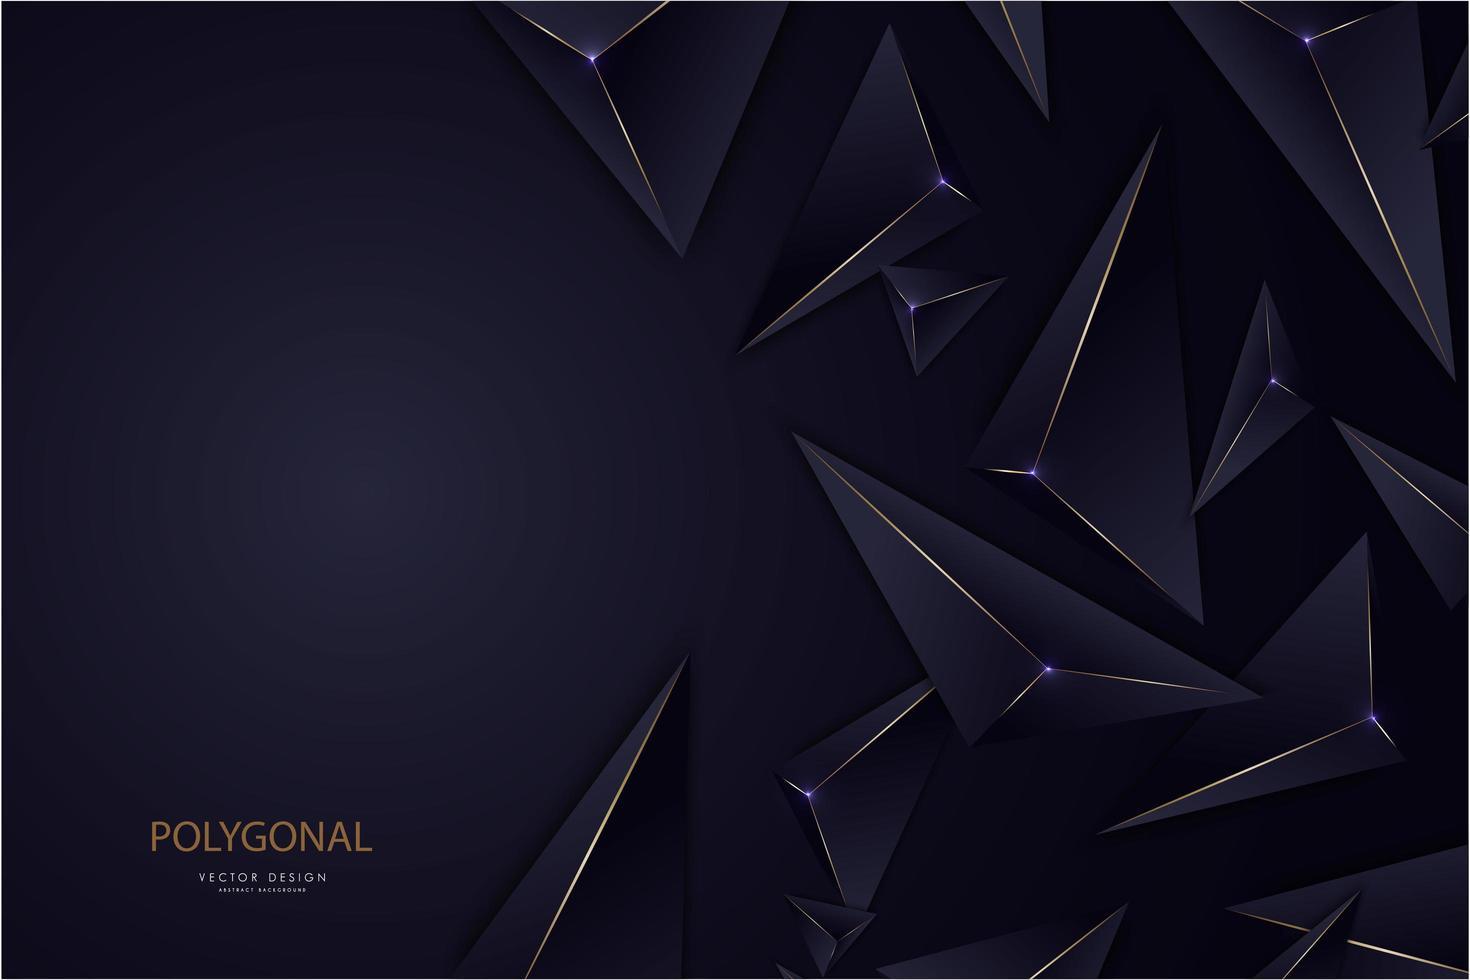 conception moderne de triangles 3d ligne bleu foncé et or vecteur